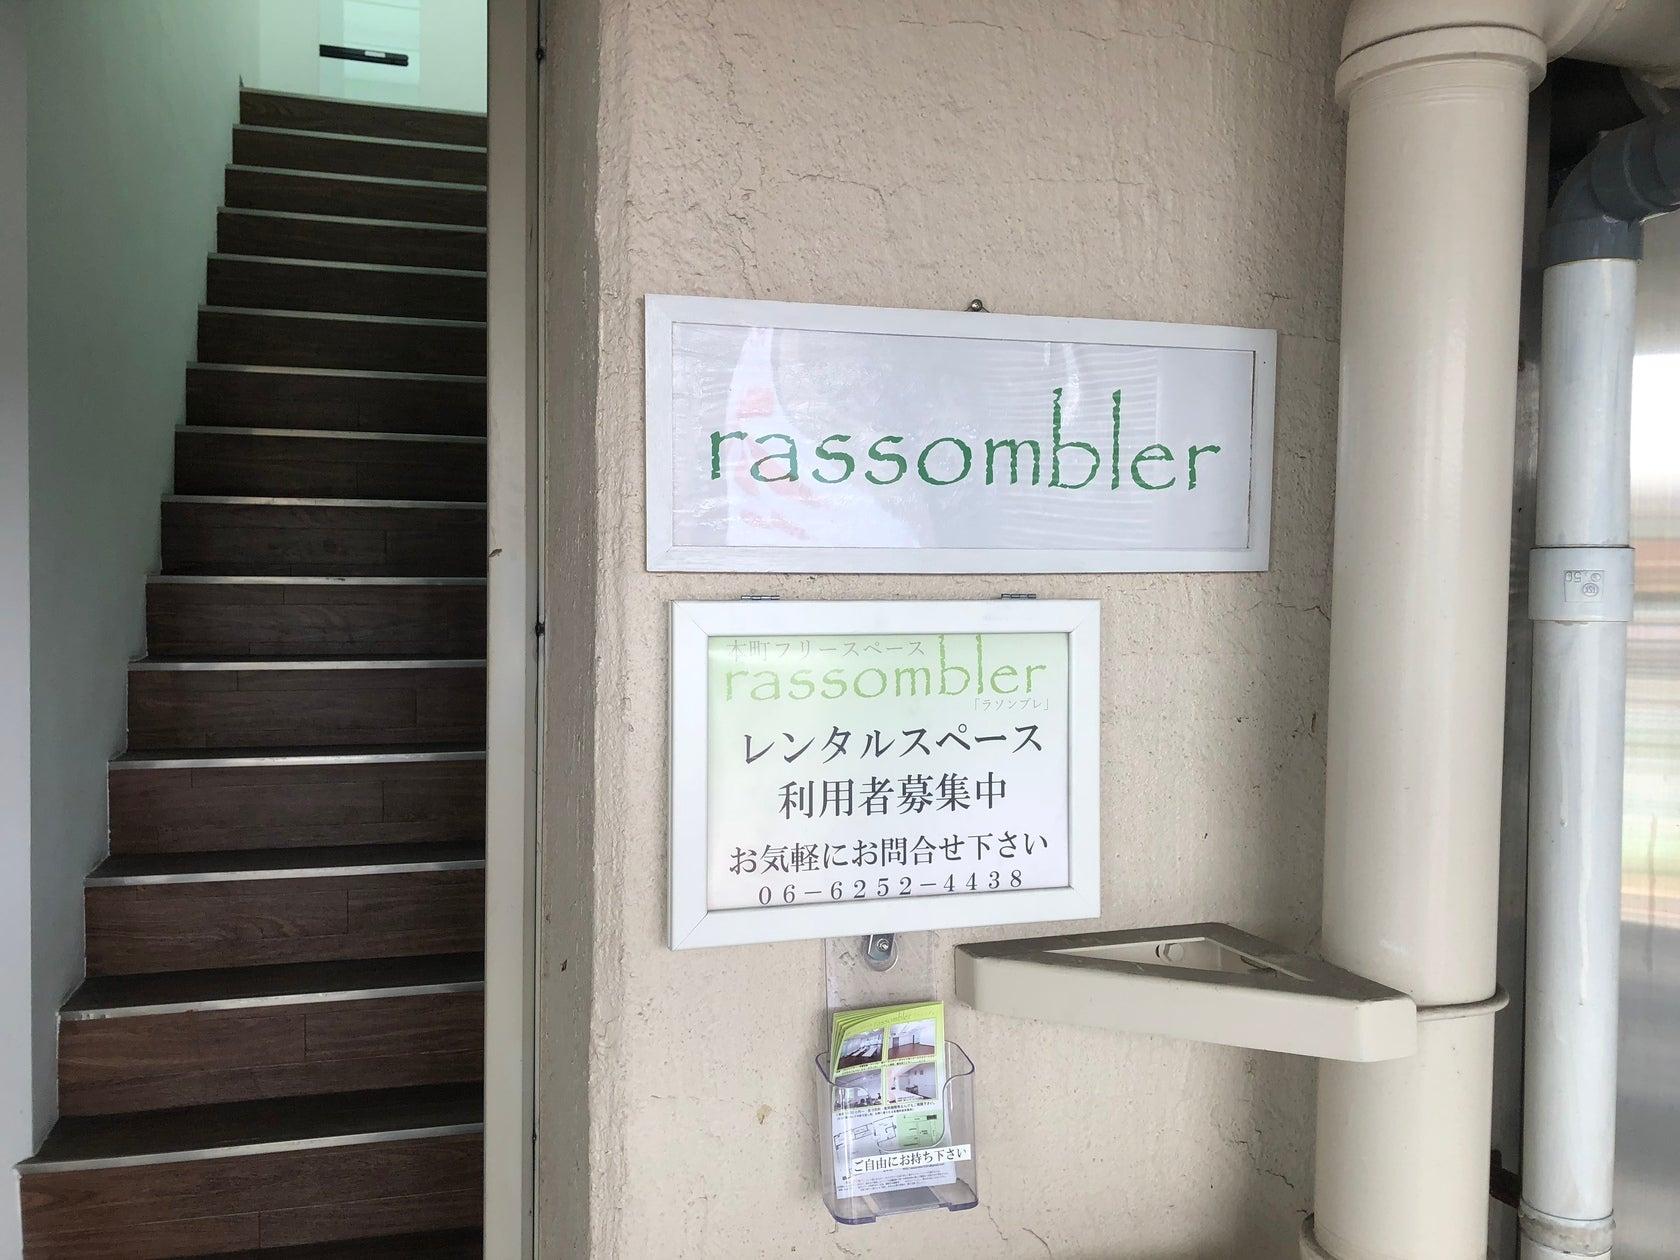 rassombler「ラソンブレ」備品全て無料!!どの時間帯でも料金変動なし‼お得なパック料金有り‼ の写真